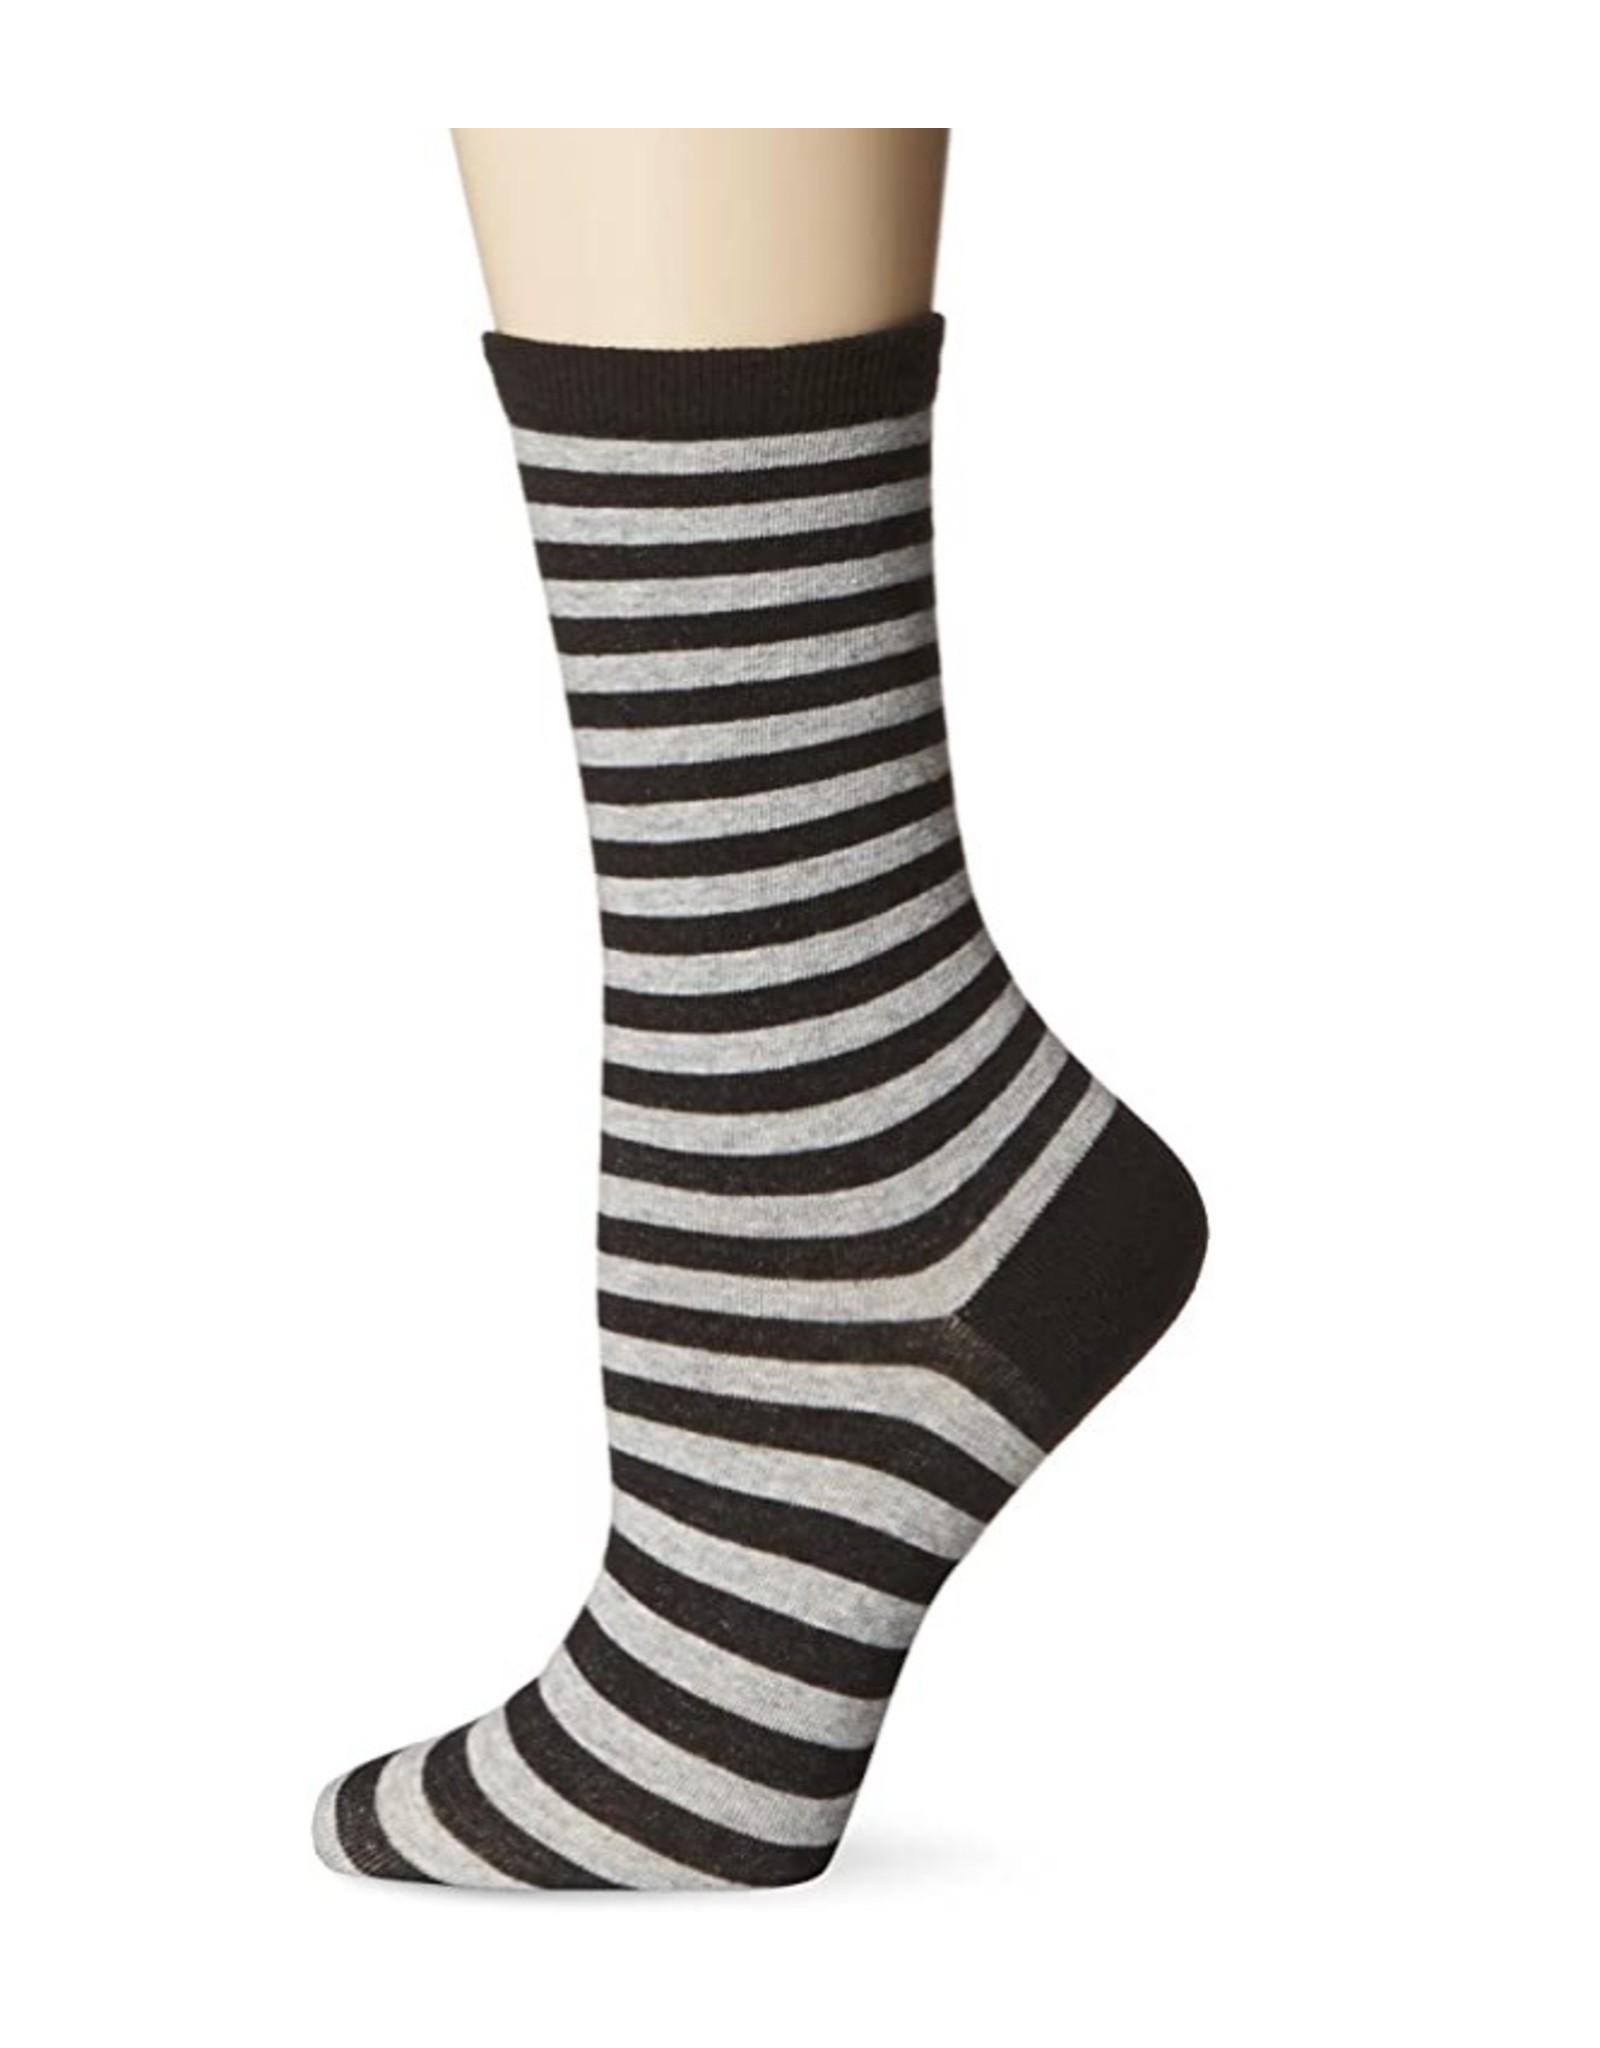 Hotsox Hotsox Thin Stripe Crew Socks HO000221